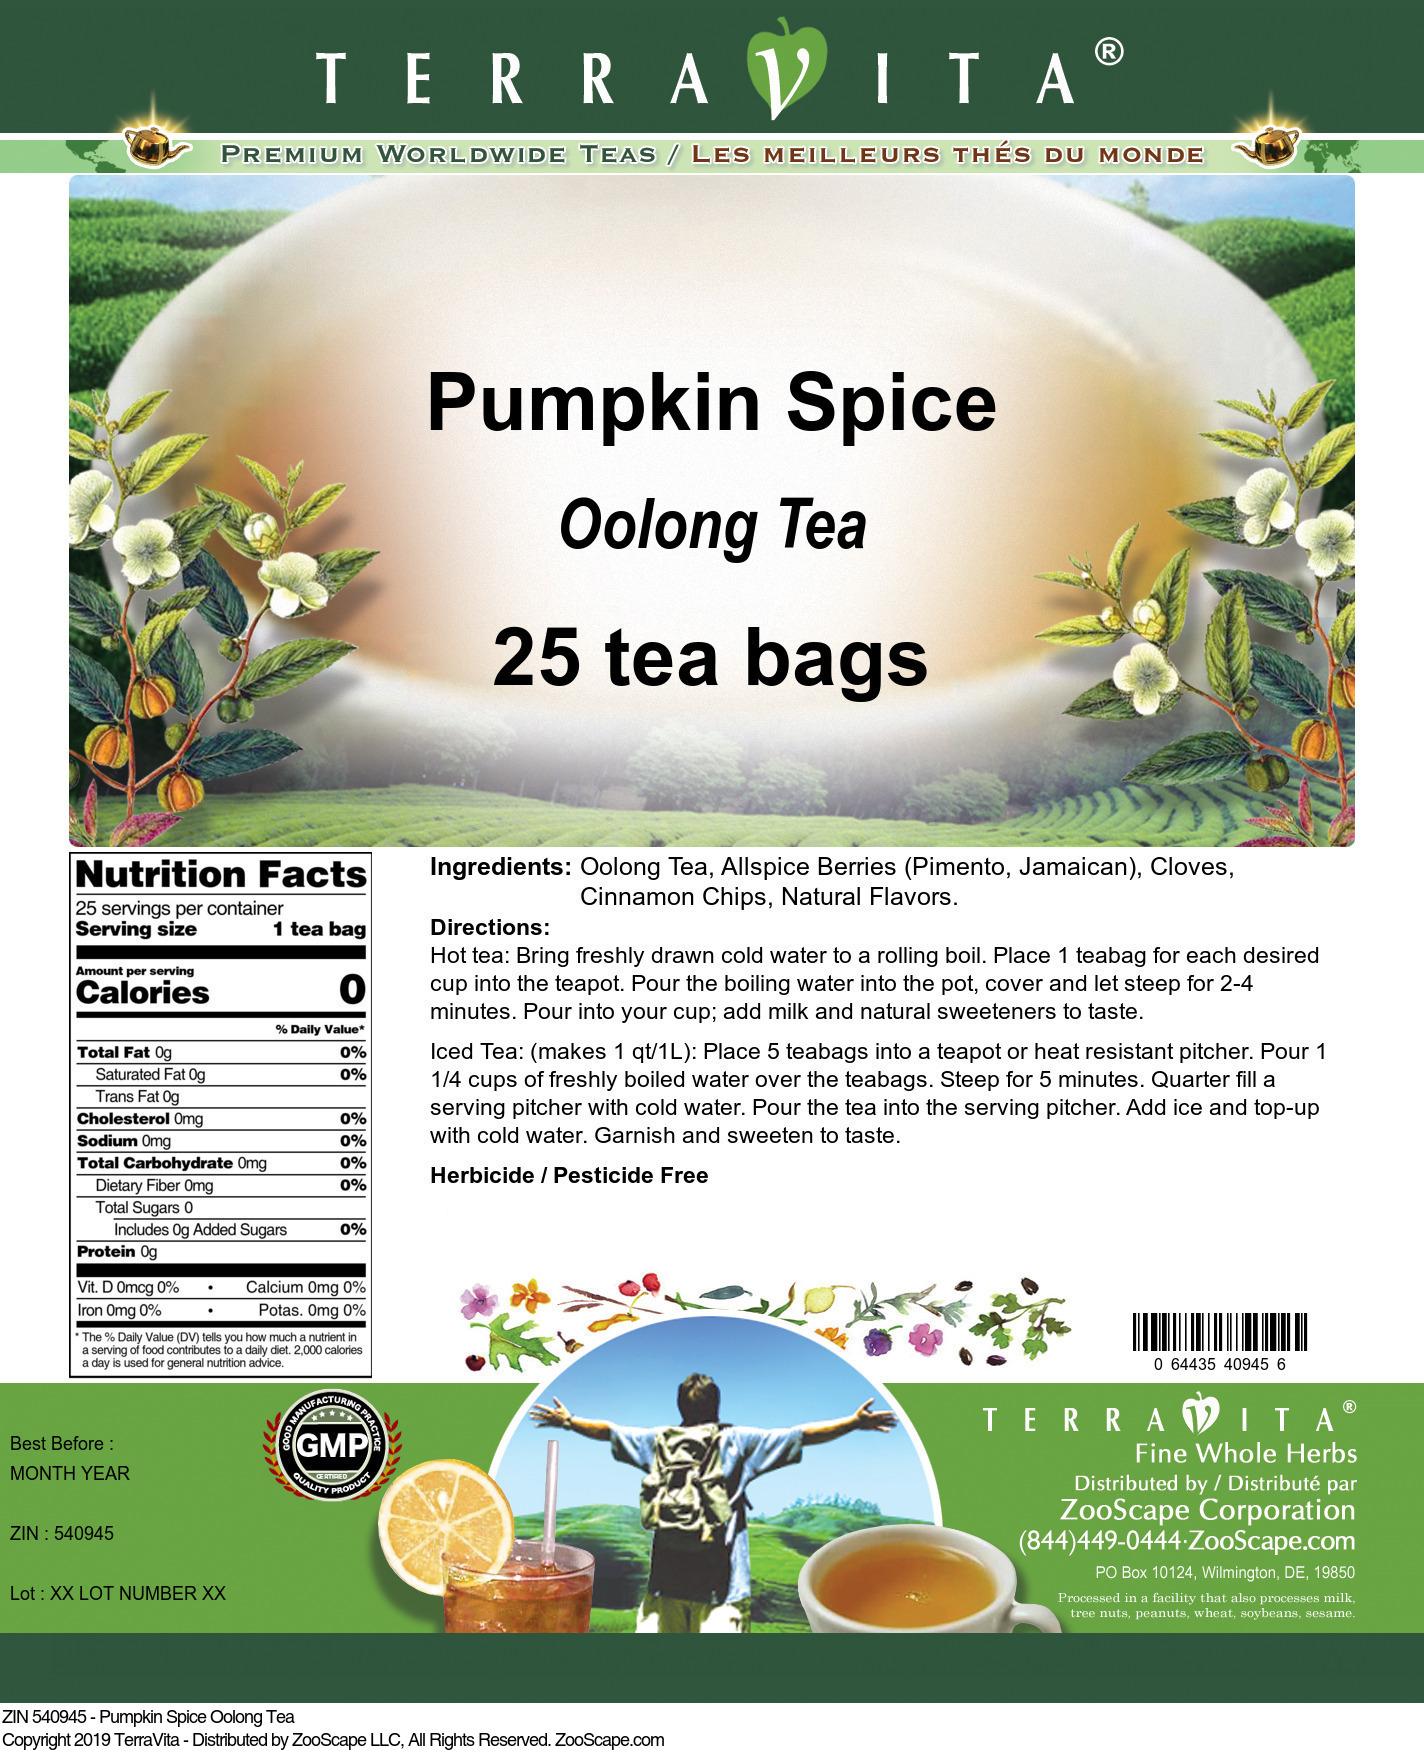 Pumpkin Spice Oolong Tea